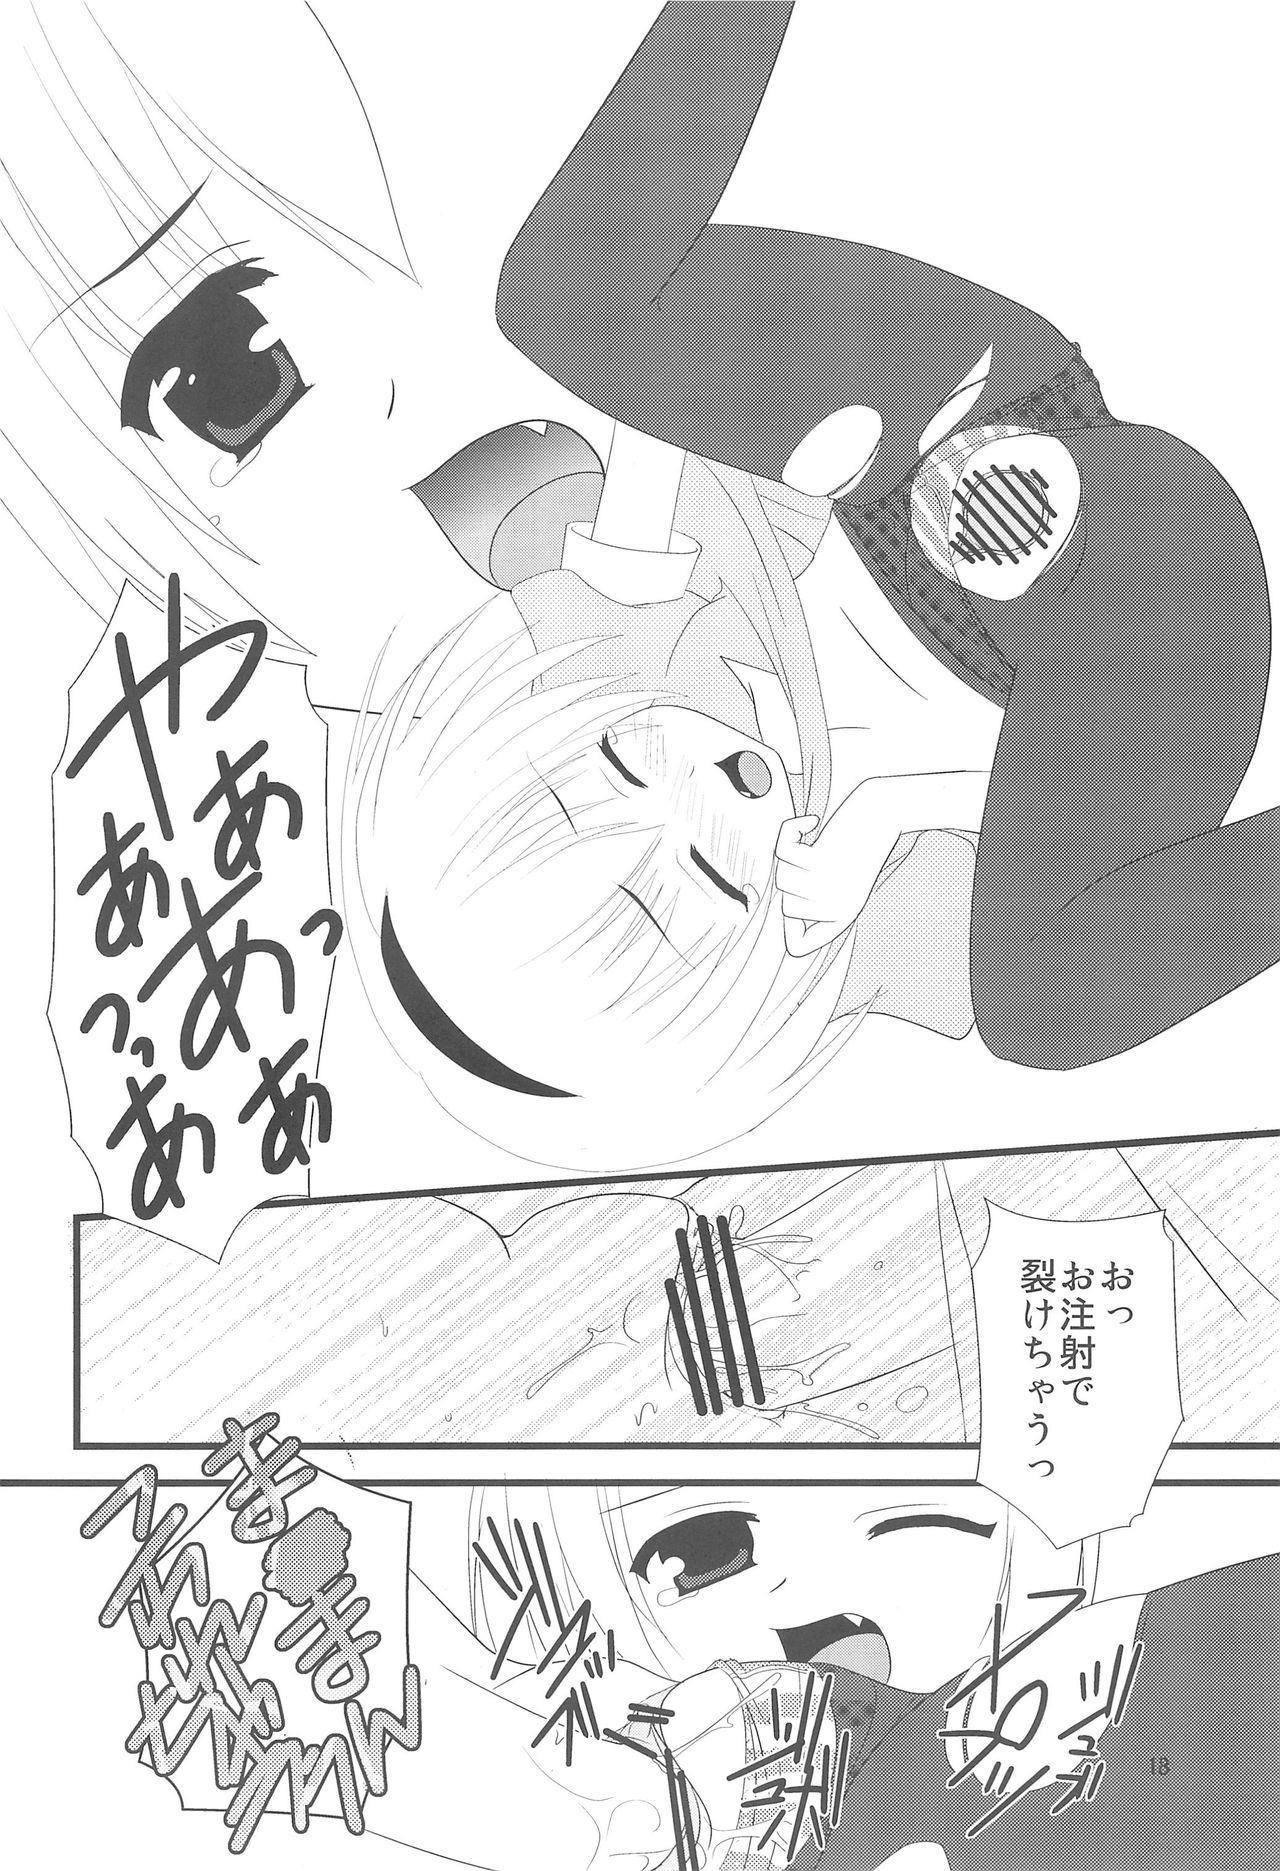 Higurashi no Nuku Koro ni Hamegoroshi-hen 19